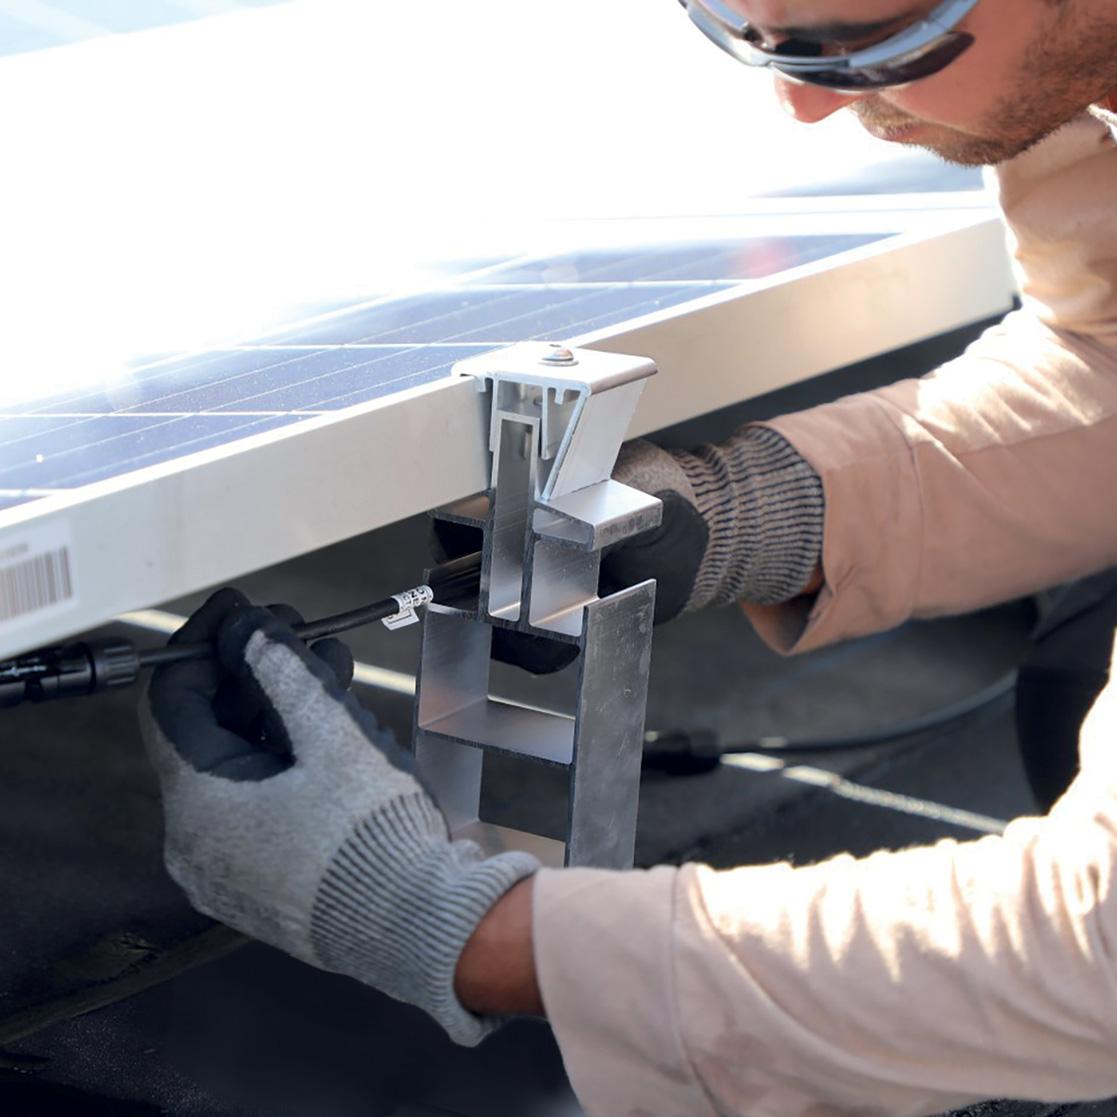 SURFA 5 TOPSOLAR - Système d'étanchéité photovotaïque